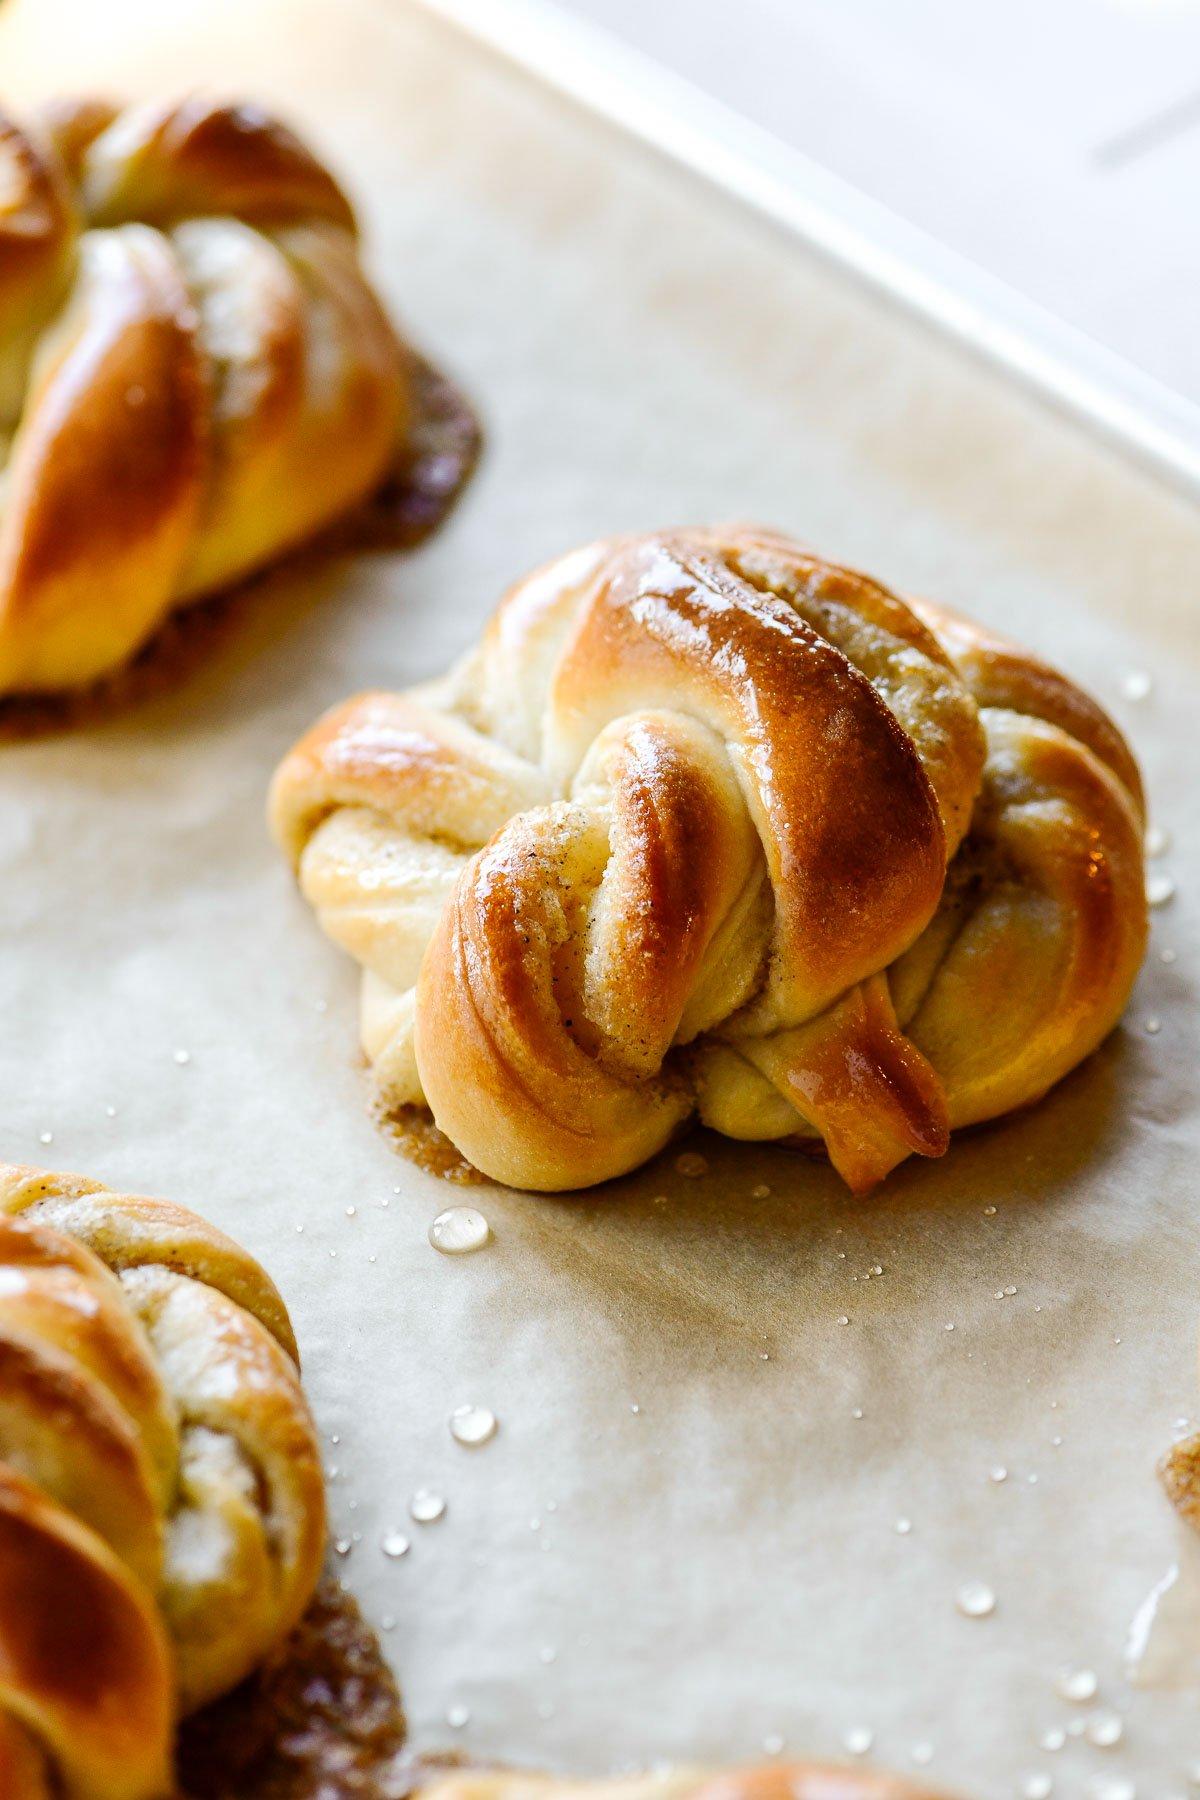 cardamom buns on a baking sheet